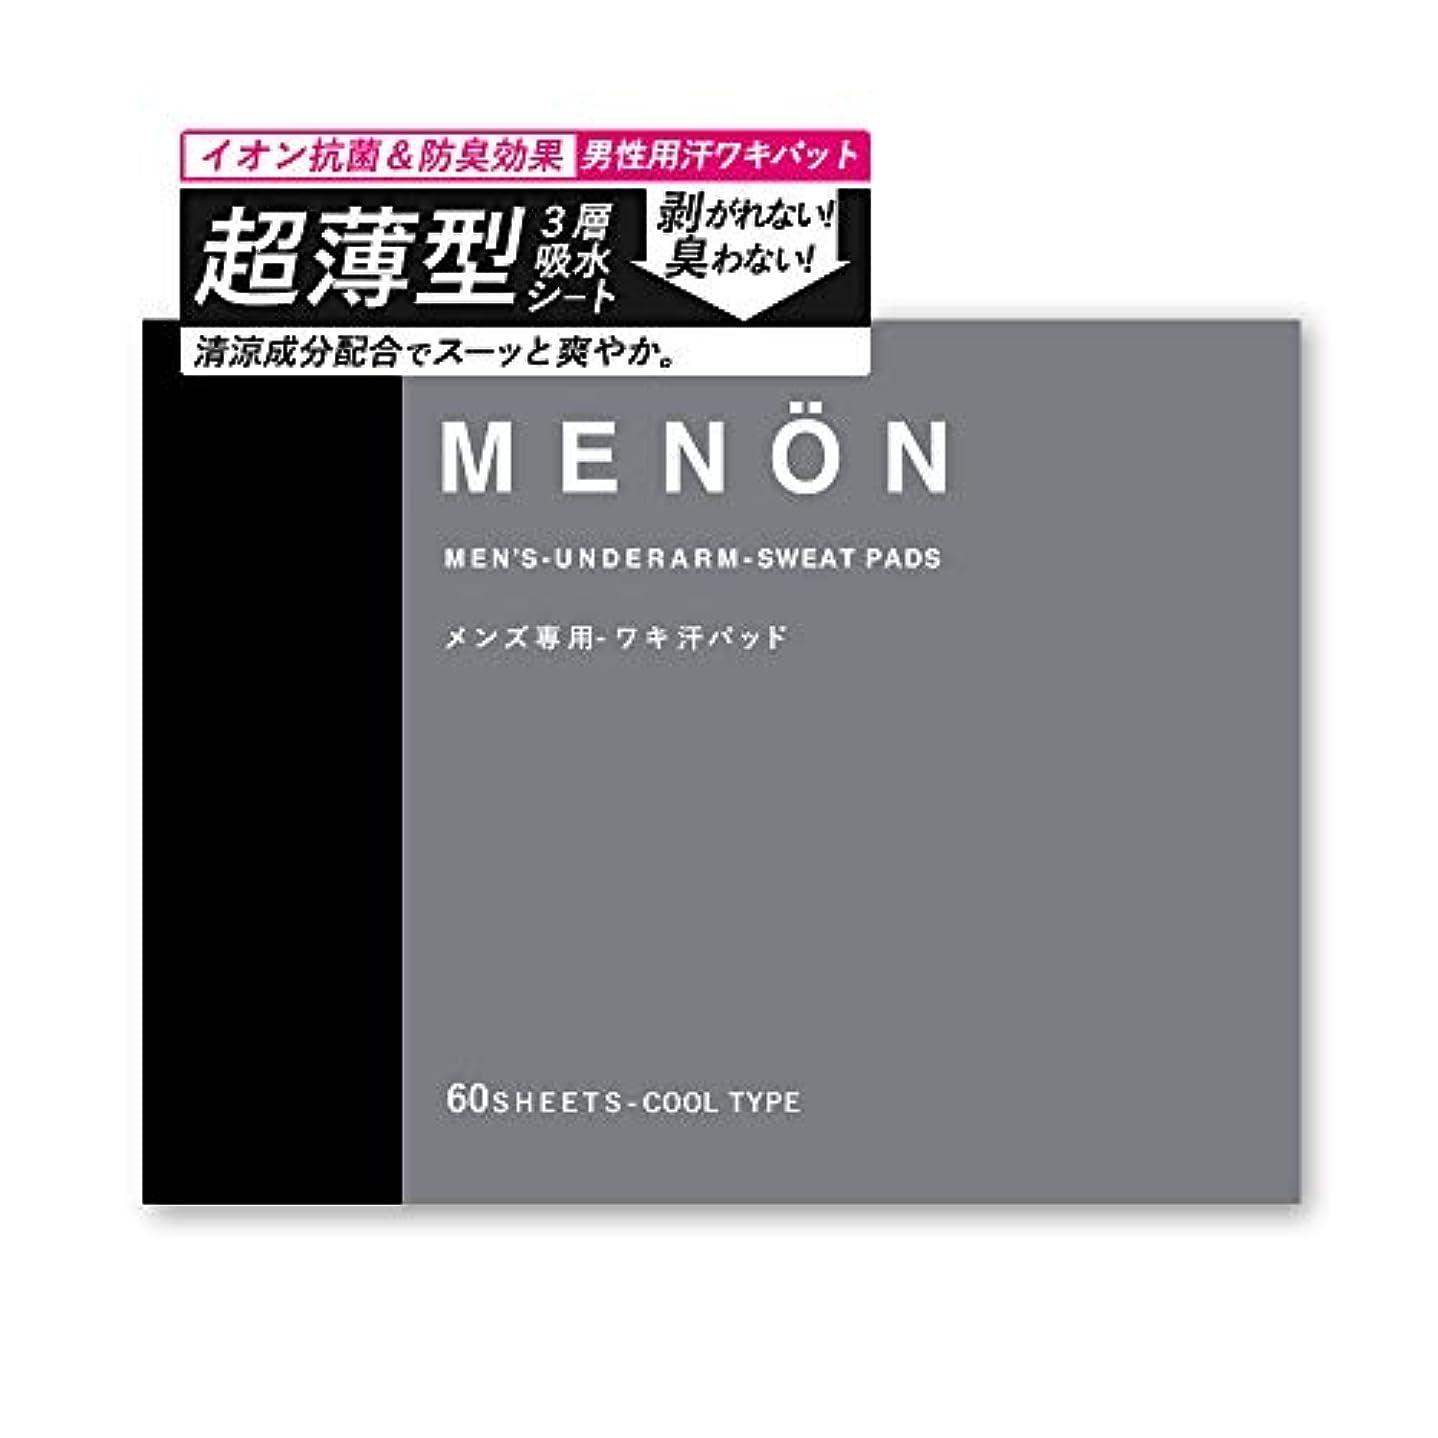 世代ピストルどこにもMENON 日本製 汗ワキパット メンズ 使い捨て 汗取りパッド 60枚 (30セット) 清涼成分配合 脇汗 男性用 ボディケア 汗ジミ?臭い予防に パッド シール メノン